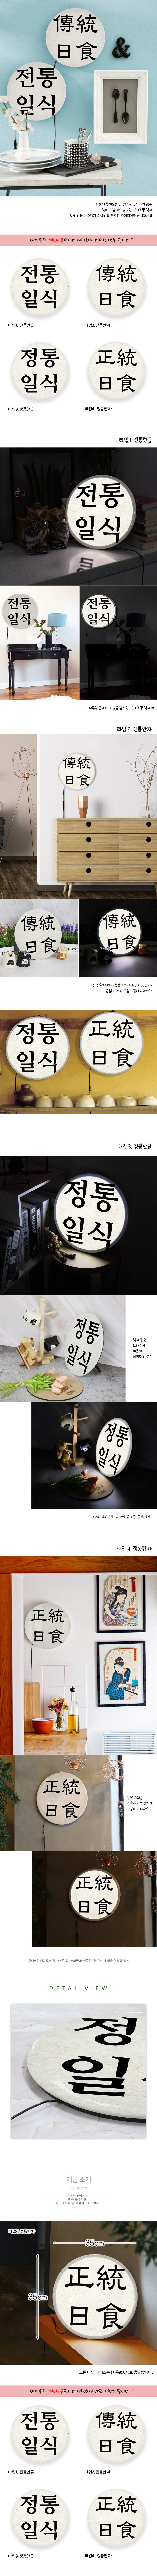 LED액자35R_일식싸인 - 꾸밈, 59,000원, 포인트조명, 터치조명